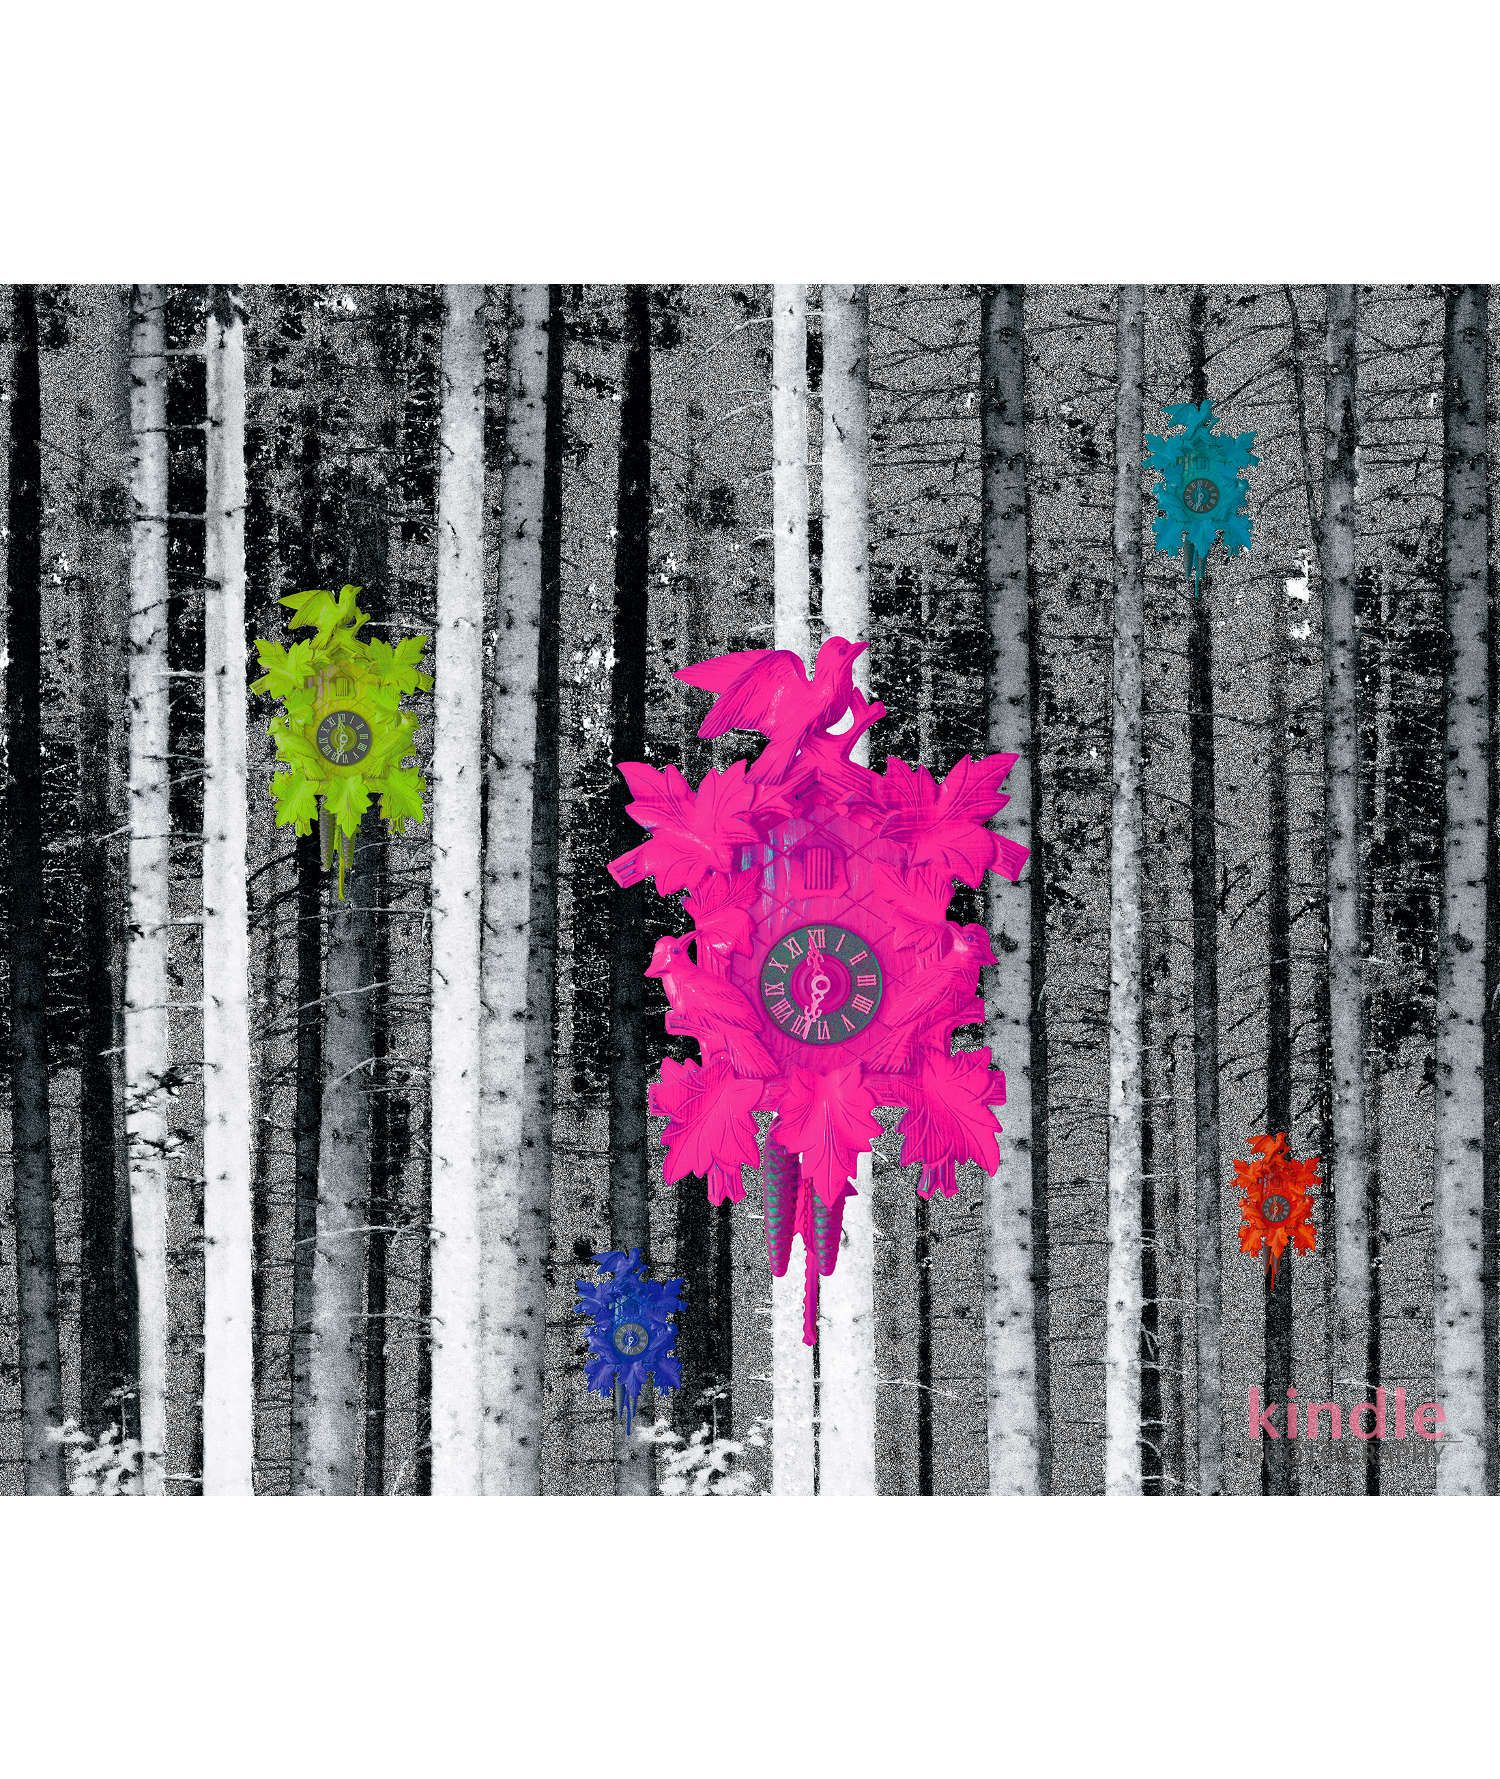 schwarzwald pop art kunst von der photographin michaela kindle der schwarzwald geb ndelt mit. Black Bedroom Furniture Sets. Home Design Ideas